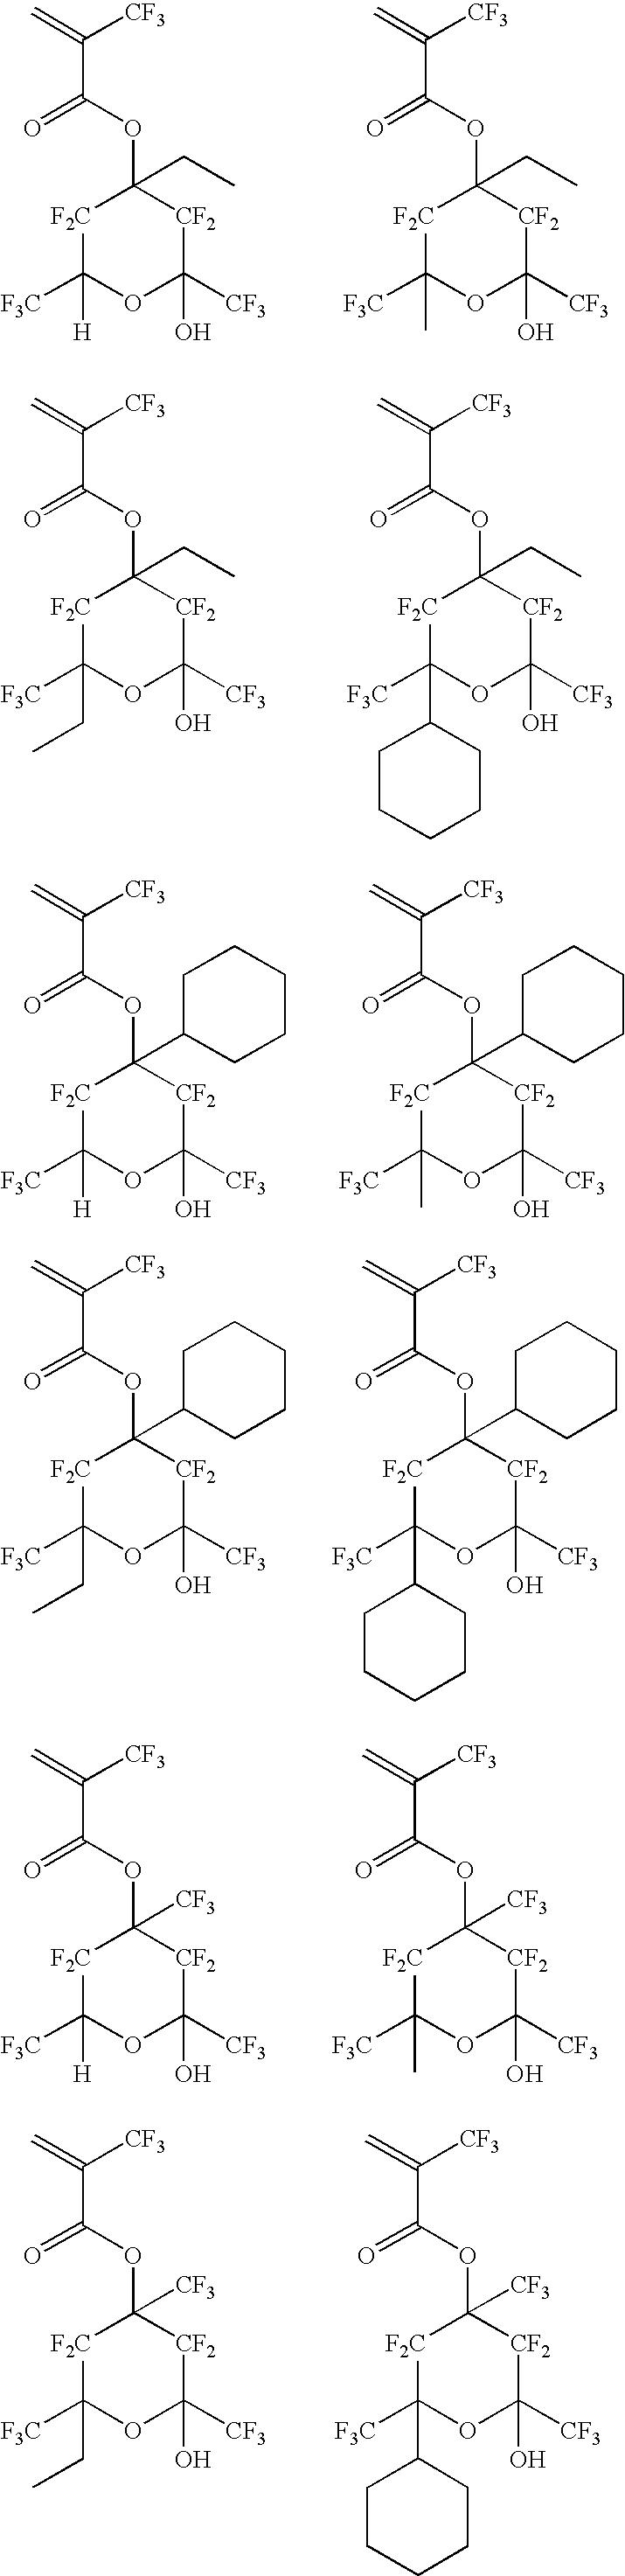 Figure US20060094817A1-20060504-C00017